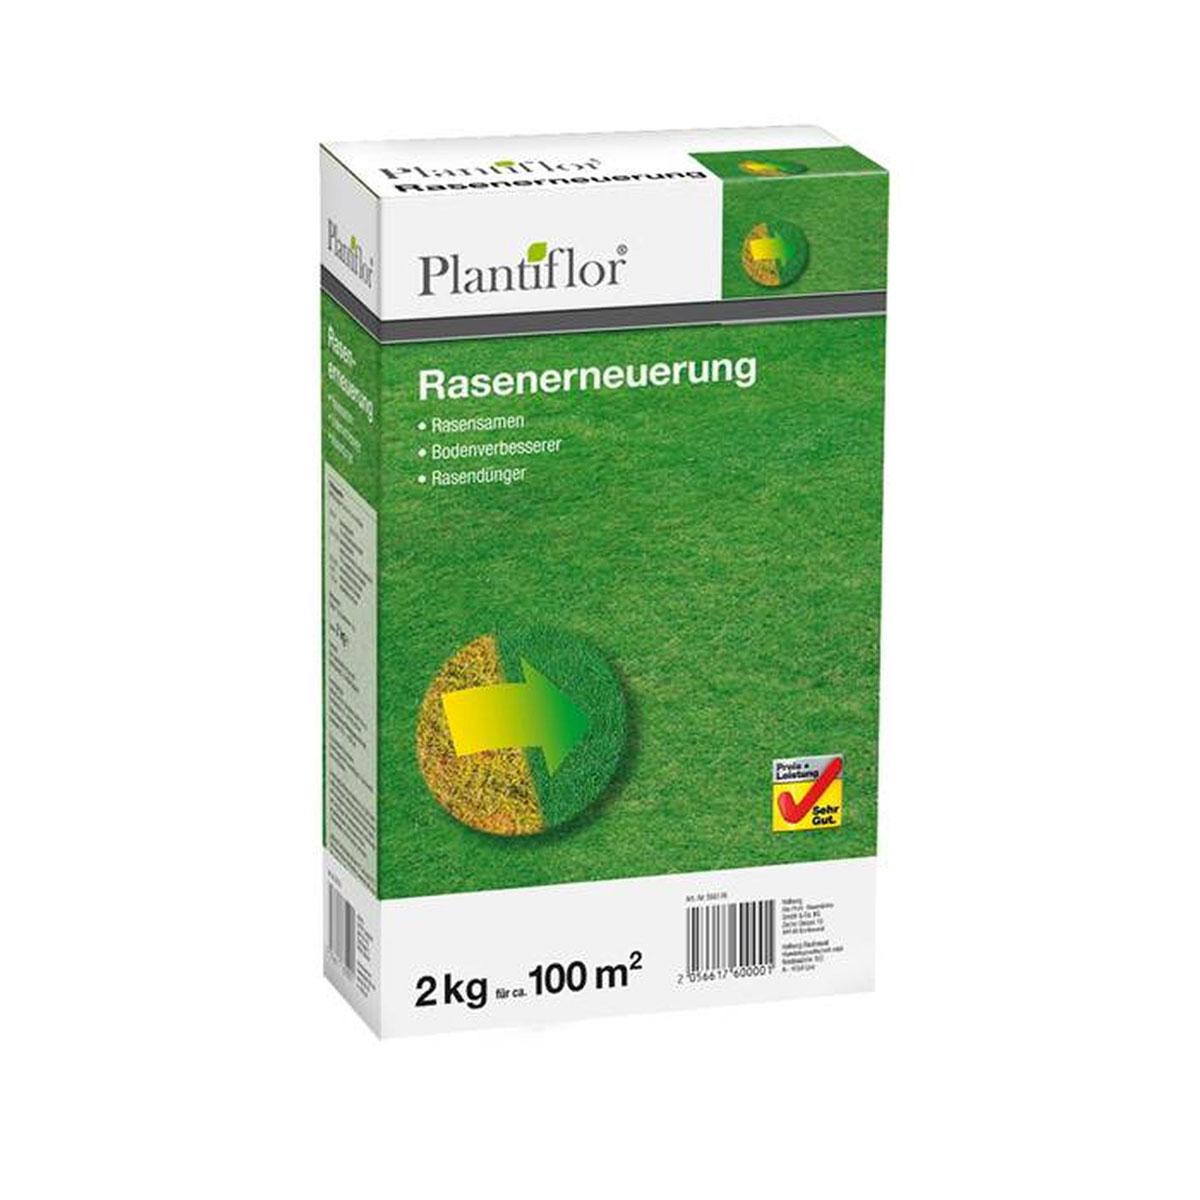 Plantiflor Rasenerneuerung 2,0 kg